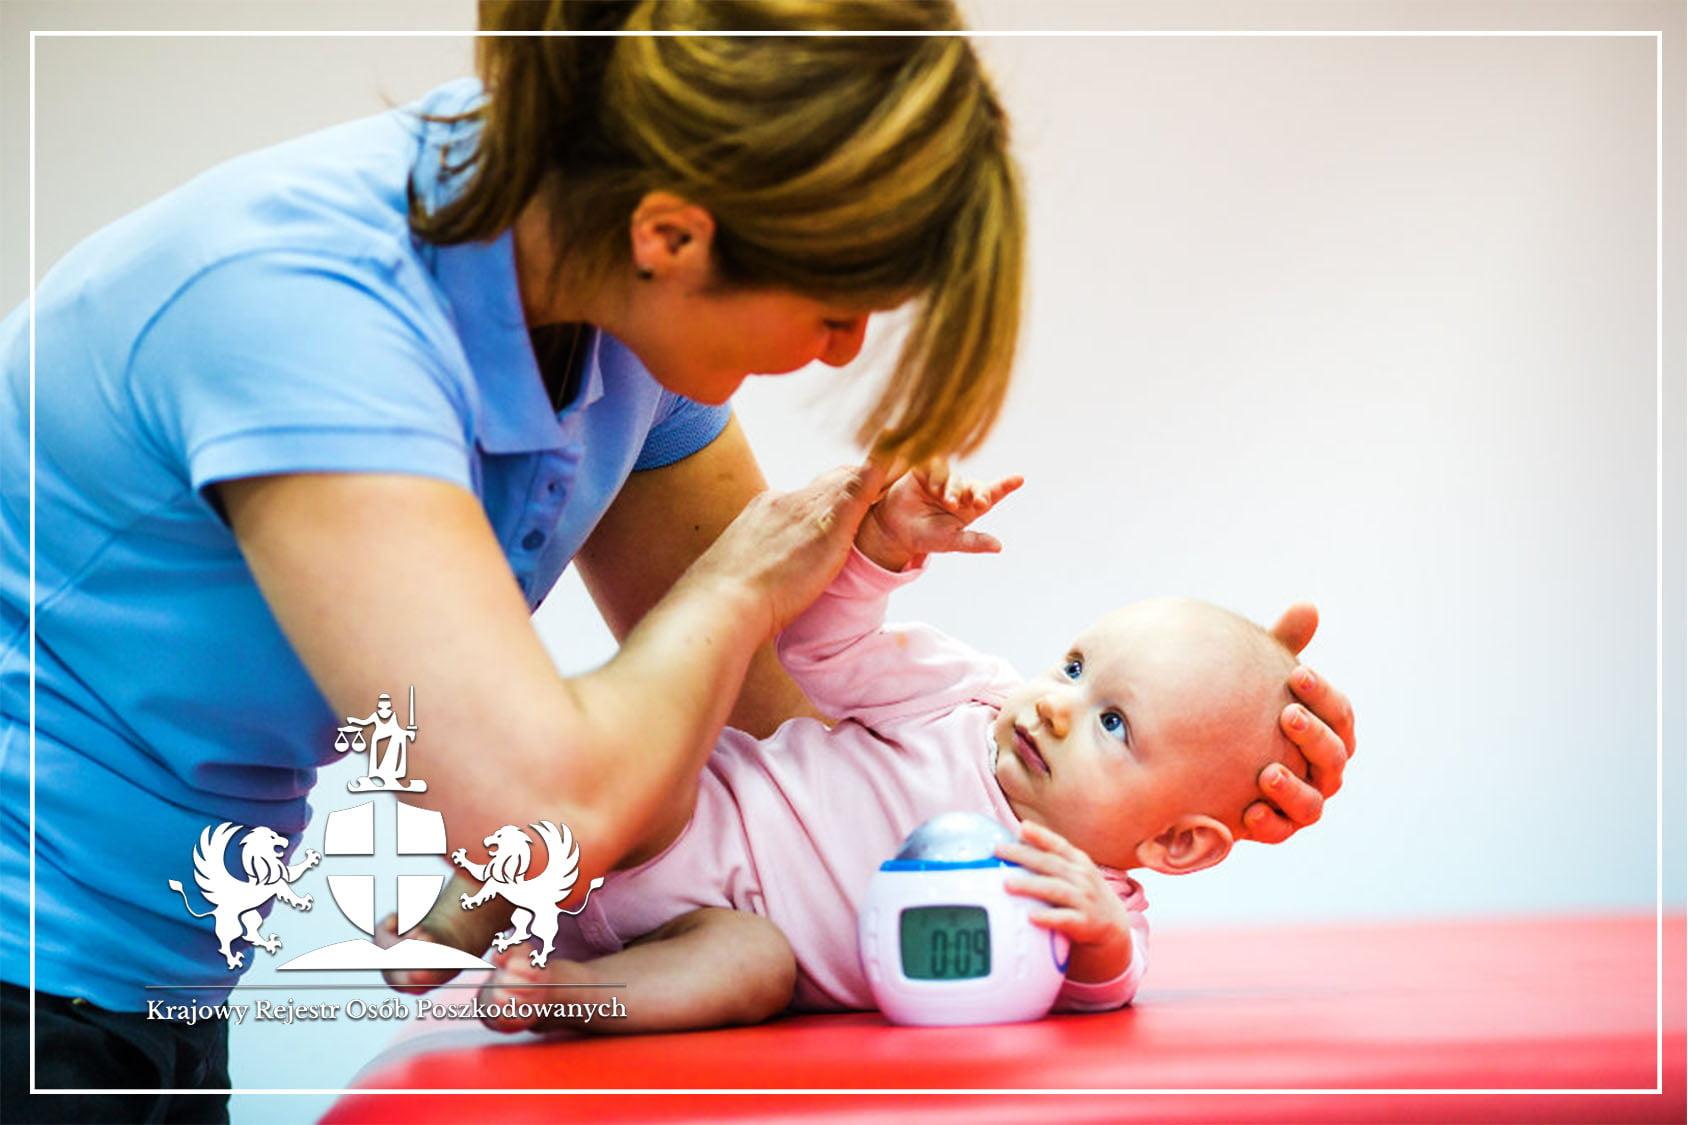 Uszkodzenie splotu ramiennego przy porodzie